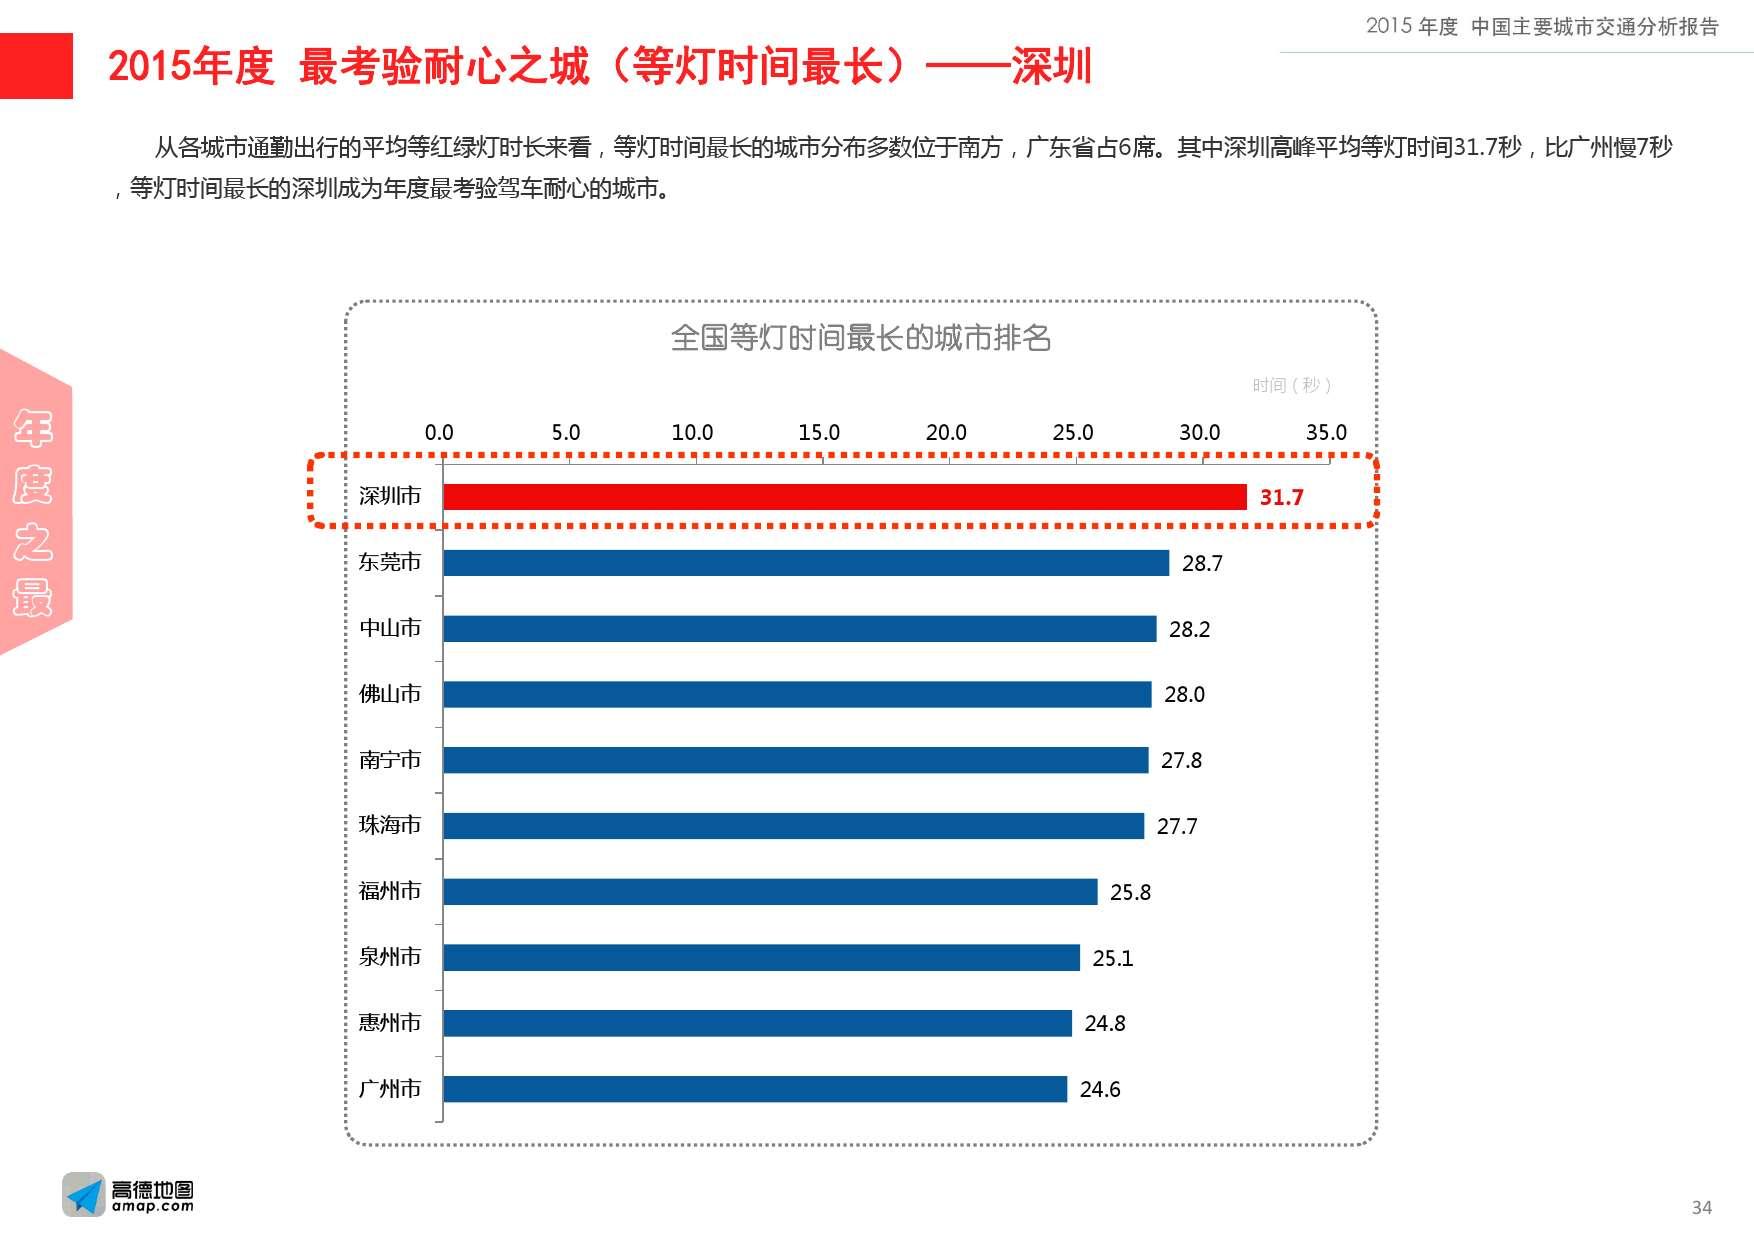 2015年度中国主要城市交通分析报告-final_000034